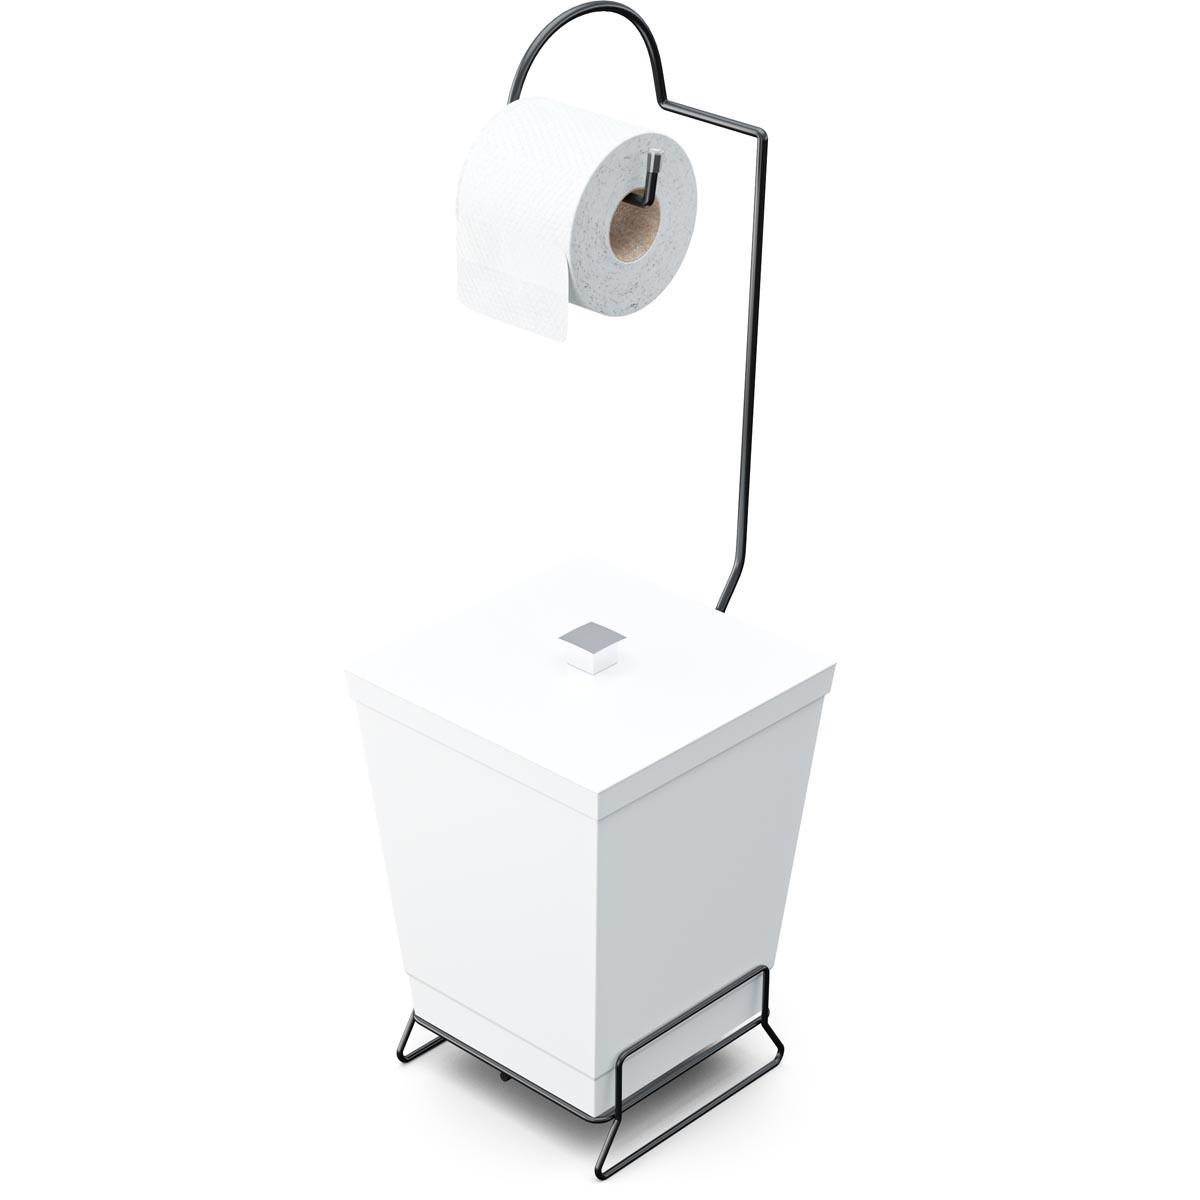 Lixeira de Banheiro com Suporte p/ Papel Higiênico Black - Stolf